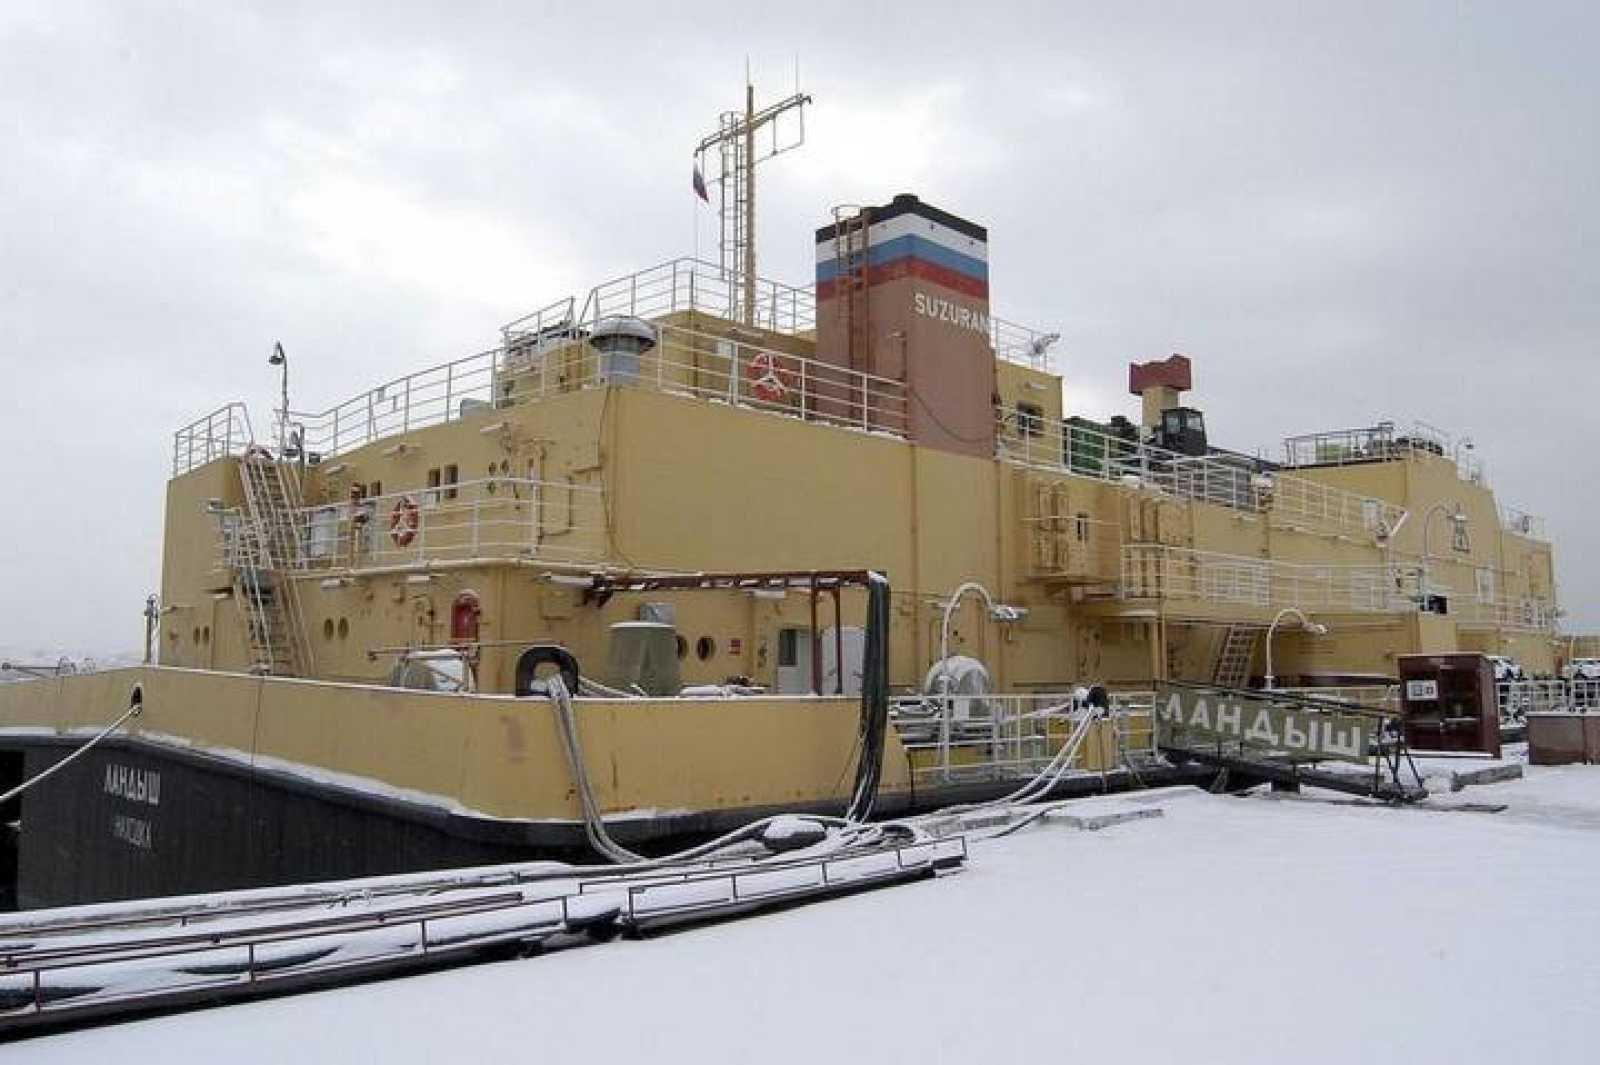 La planta flotante para el tratatamiento de agua contaminada Suzuran, amarrada en Vadivostok